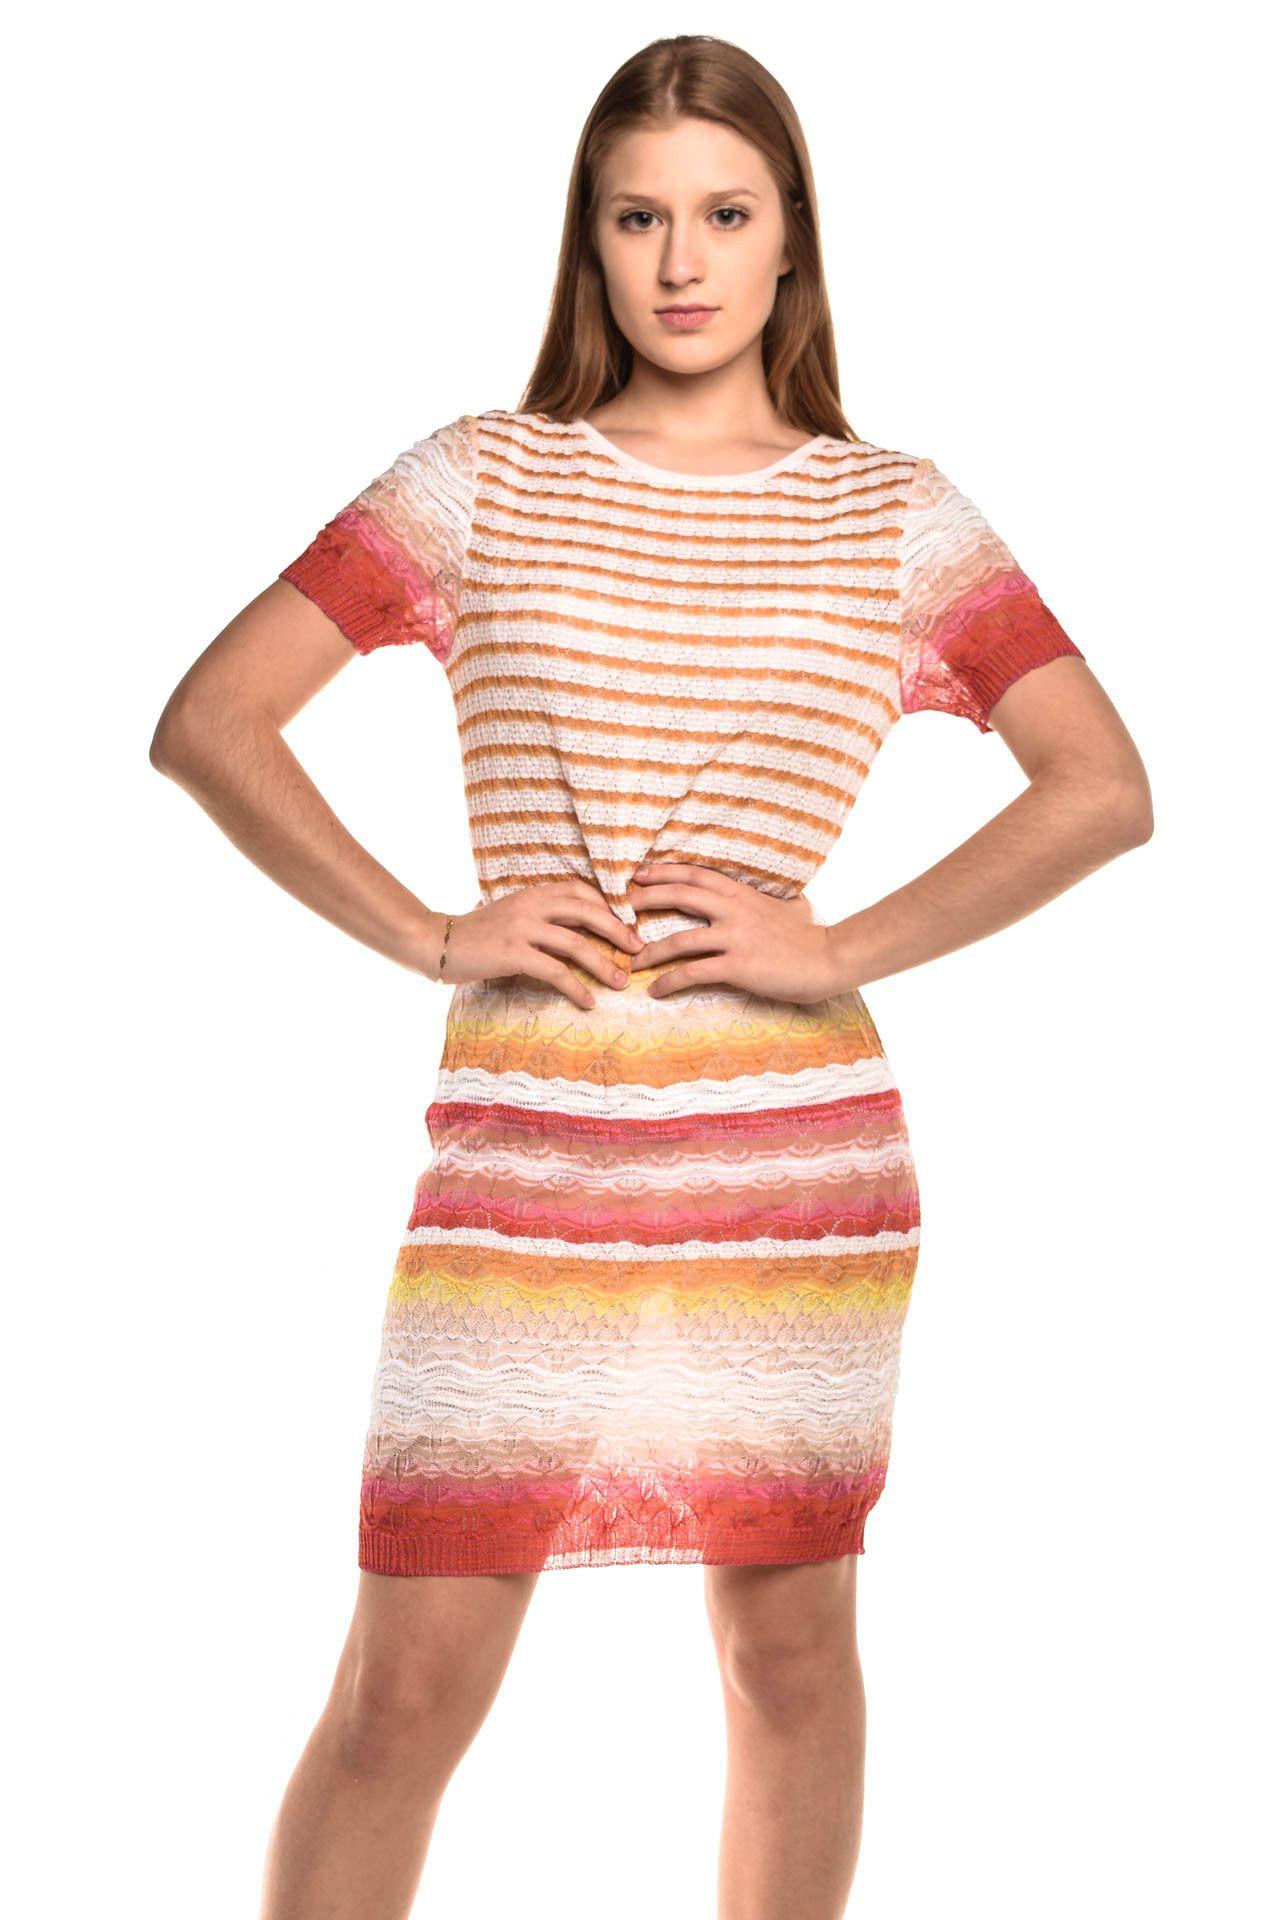 Missoni - Vestido Fio Colorida - Foto 1